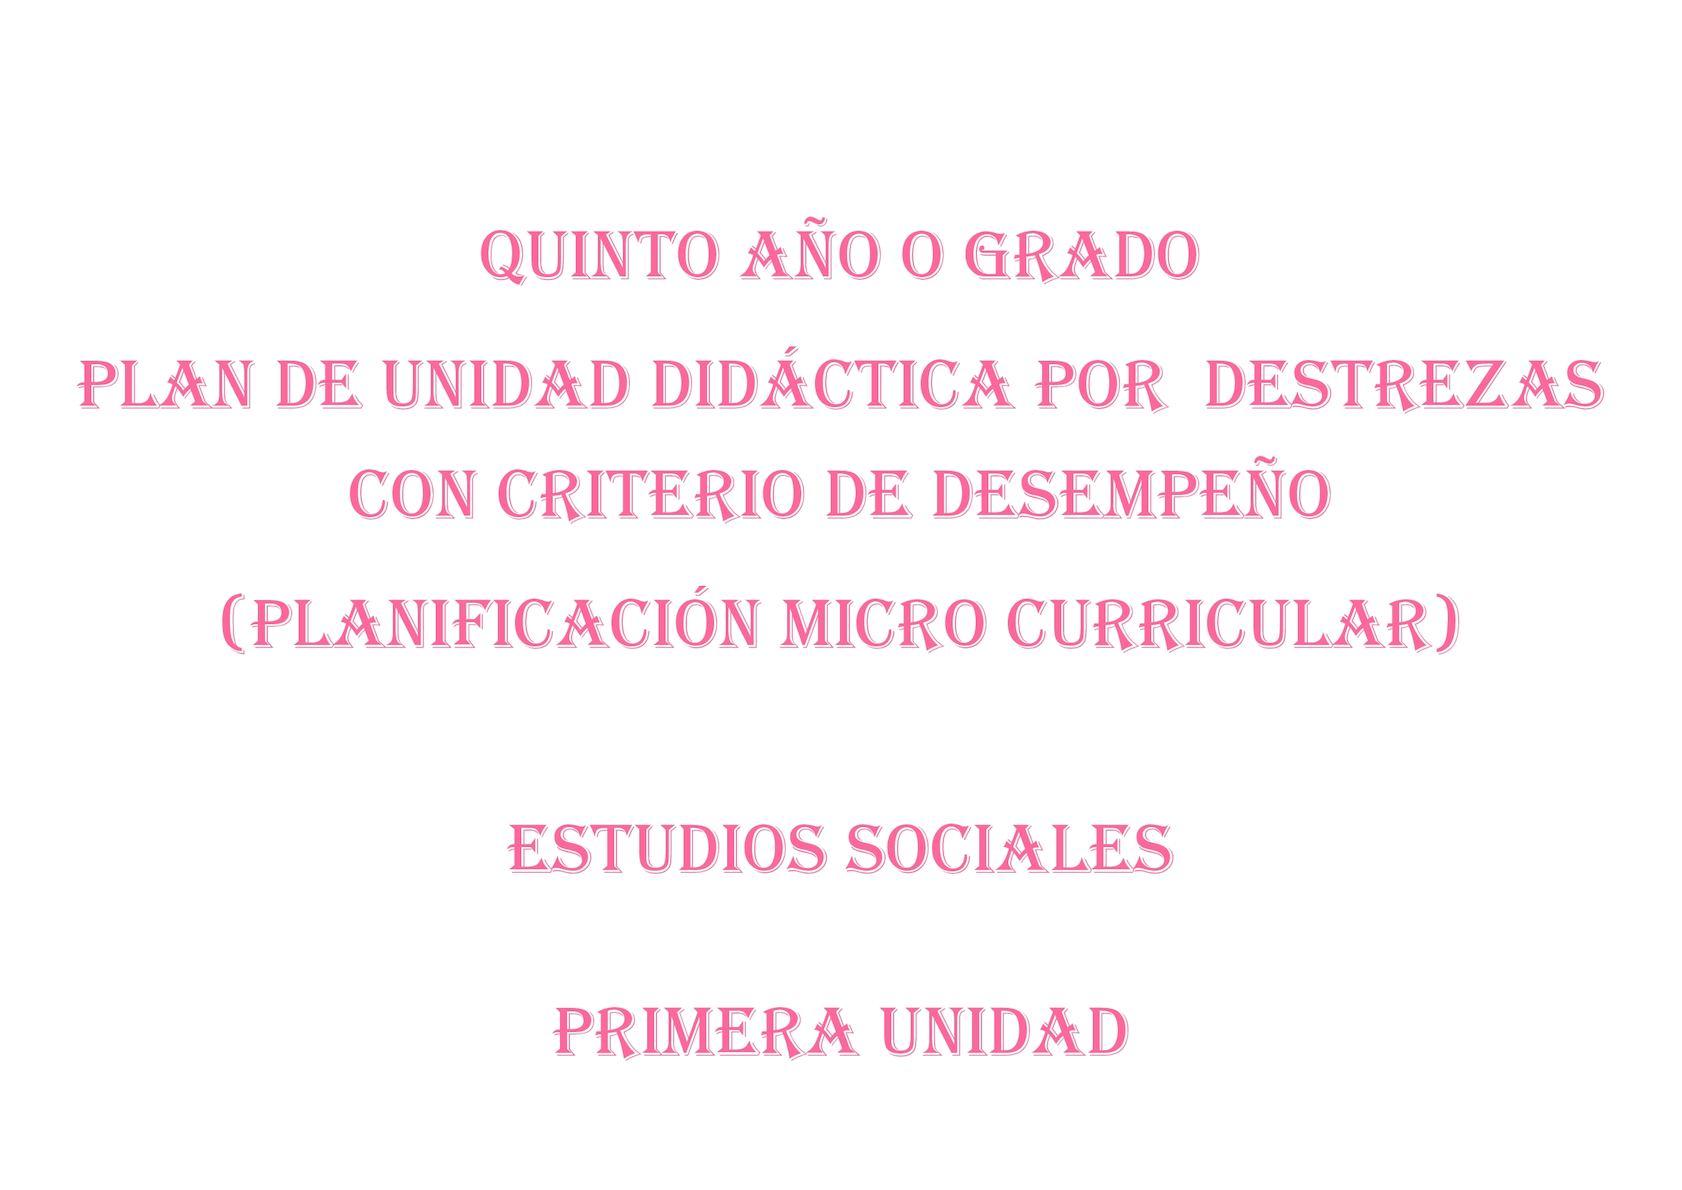 Plan De Unidad Didáctica Es Quinto 2017 (2)